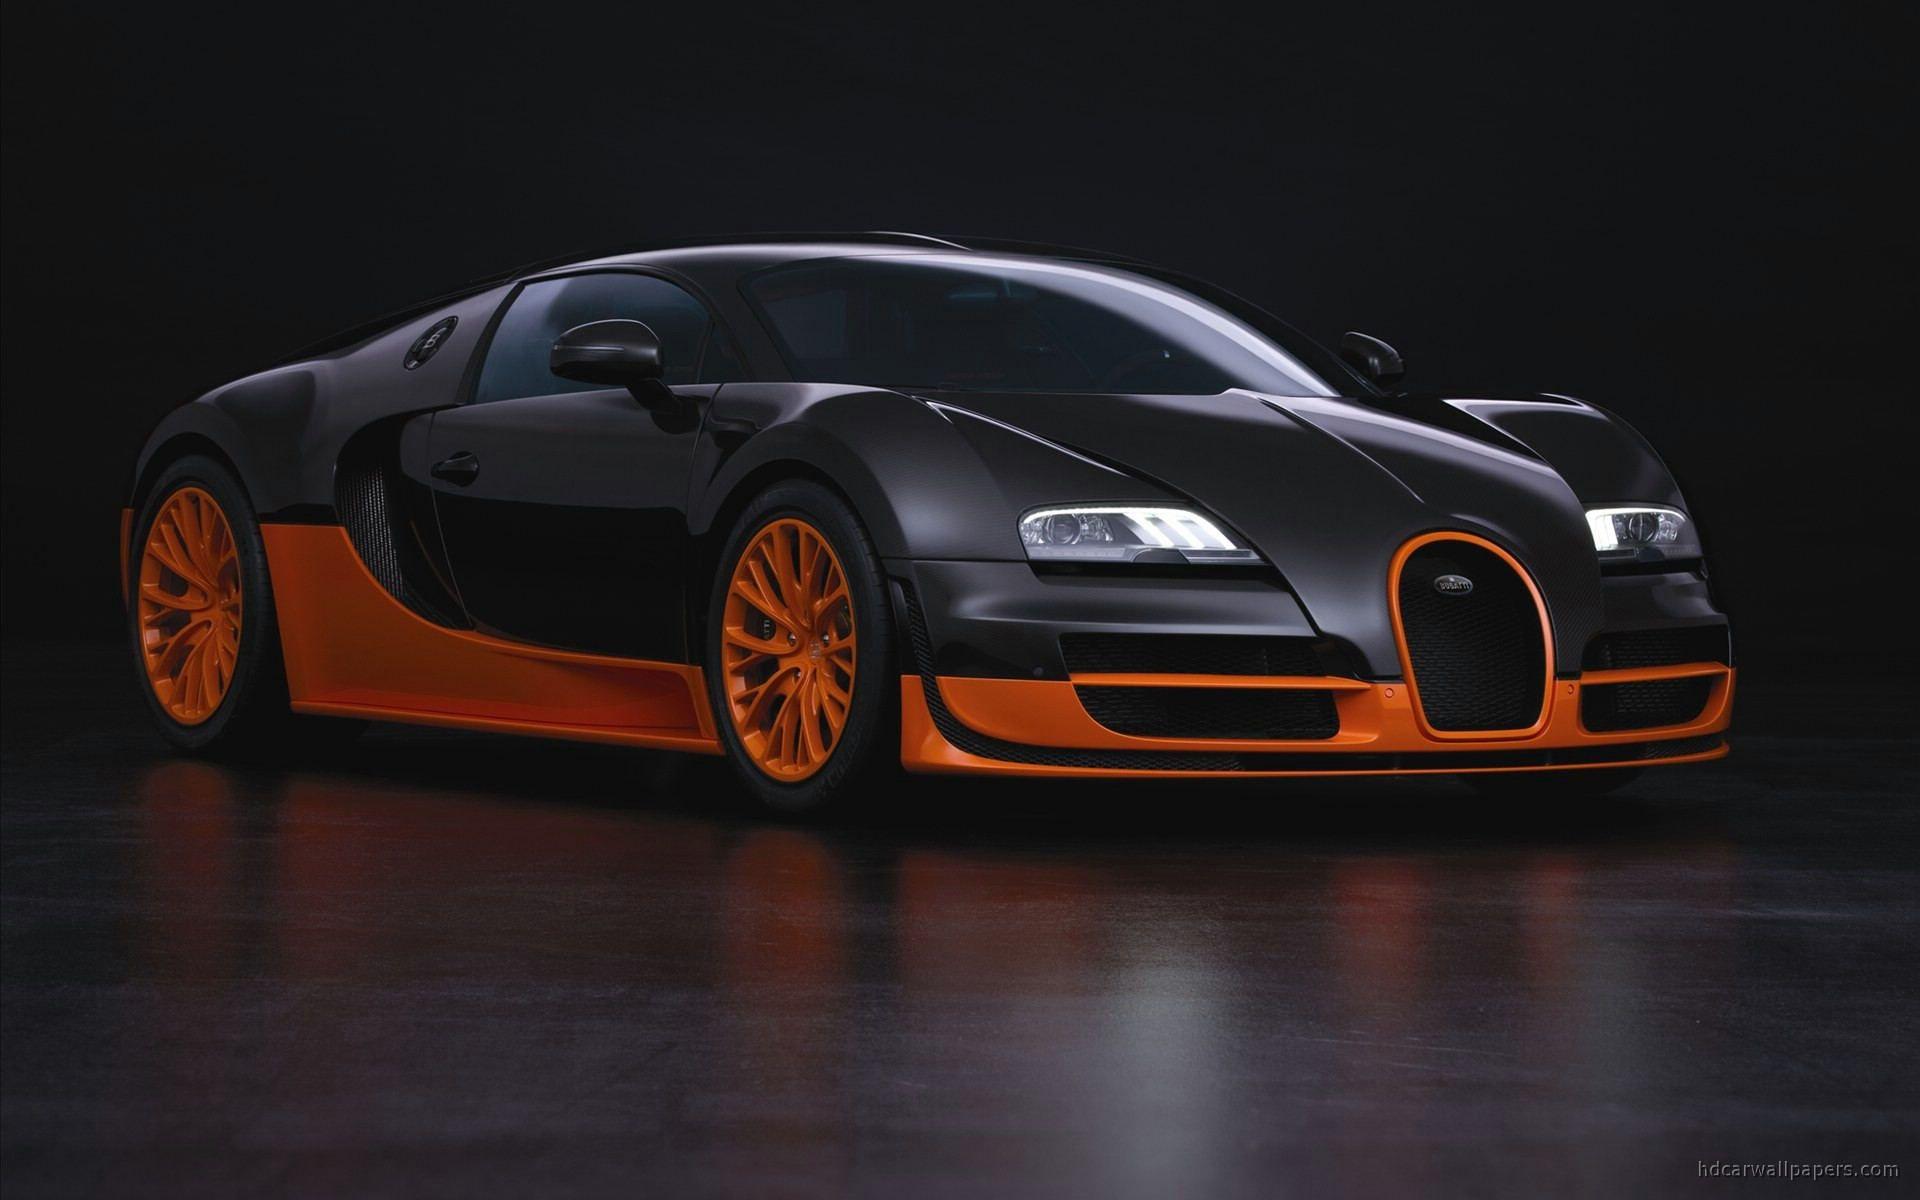 Bugatti Veyron Super Sports Car Bugatti Veyron Super Sport Sports Cars Bugatti Bugatti Veyron 16